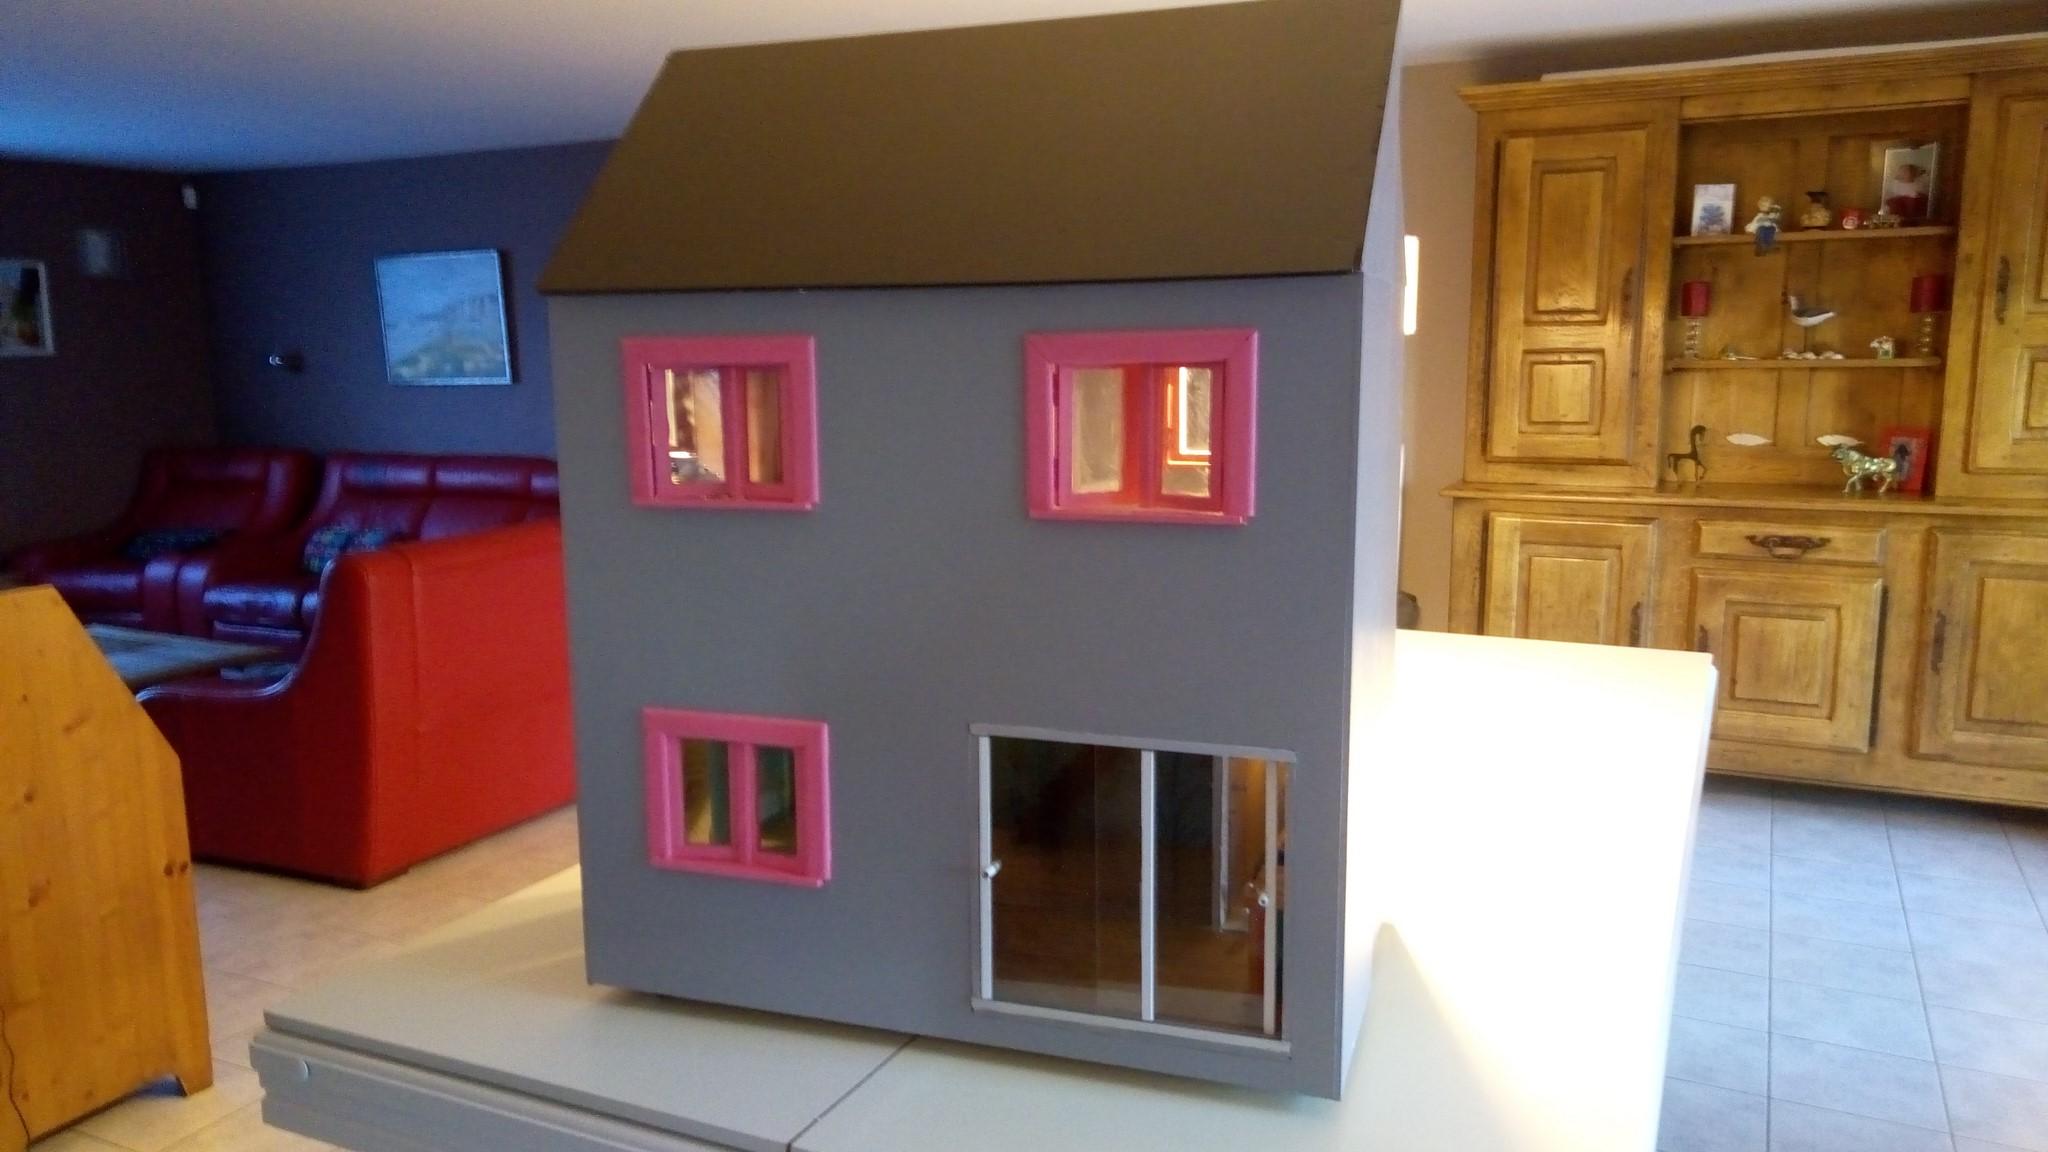 Maison De Poupee Barbie Par Francois Magicmanu